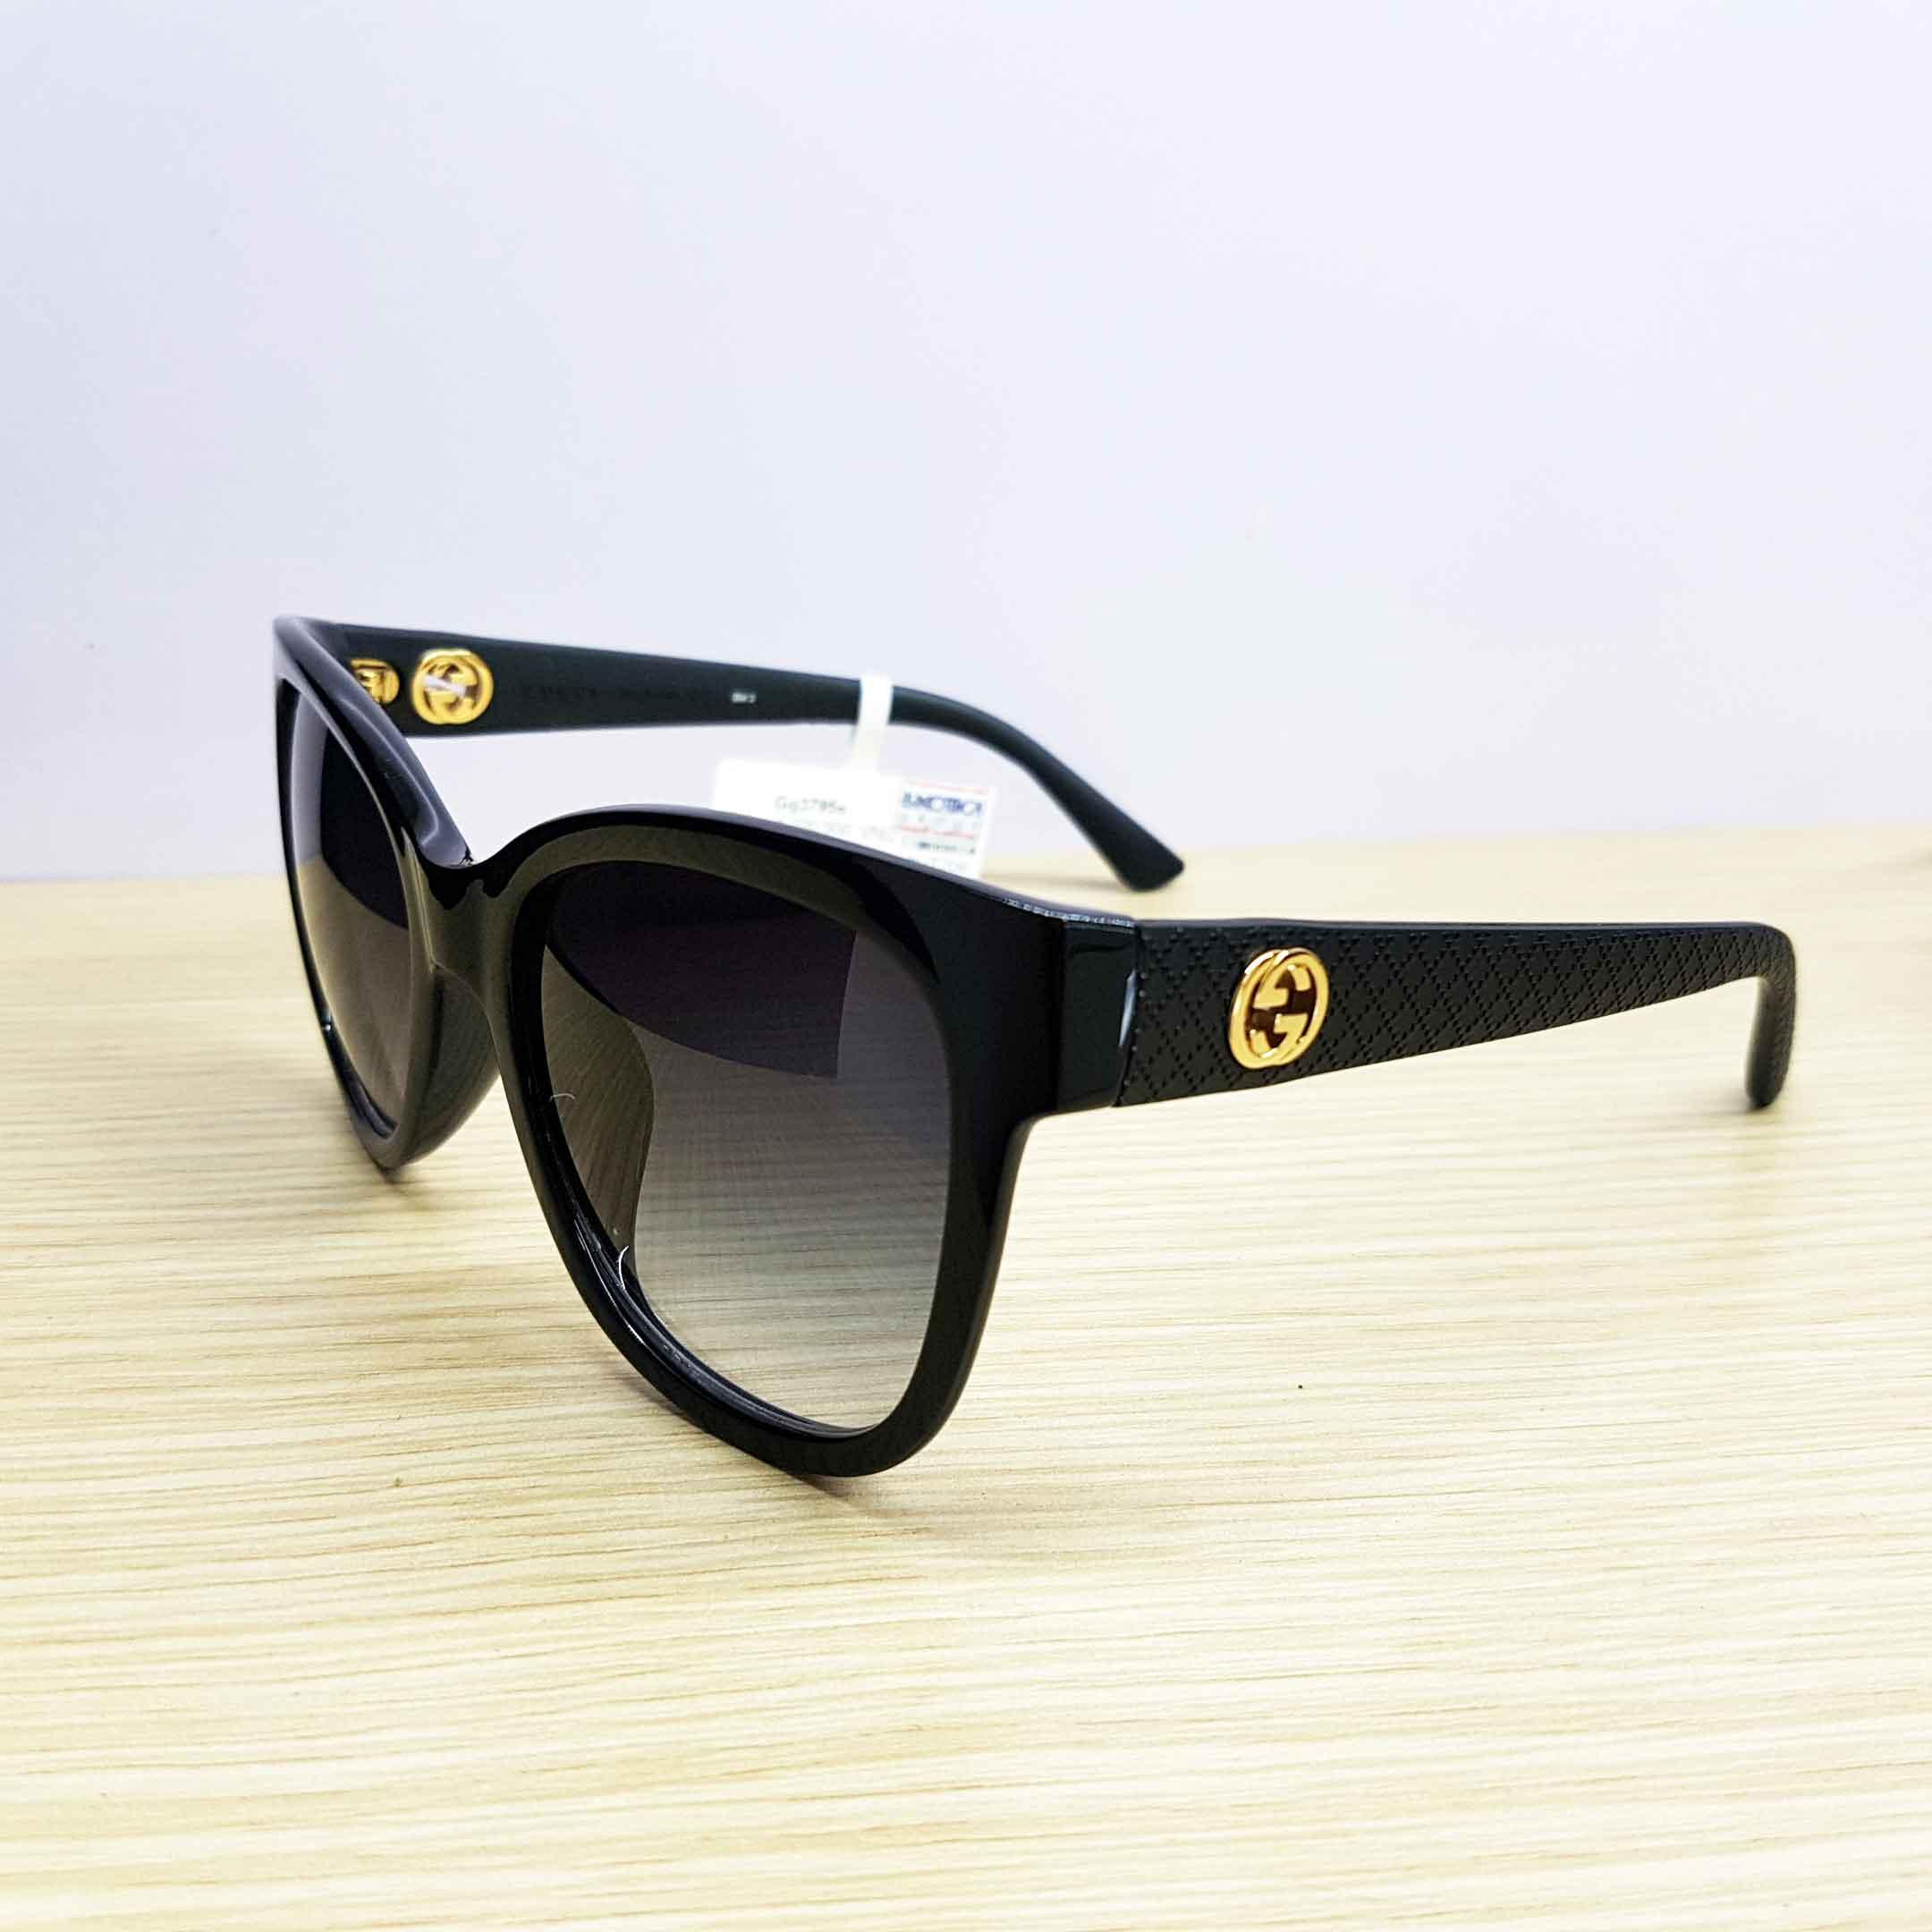 Gucci Gg3795s (4)